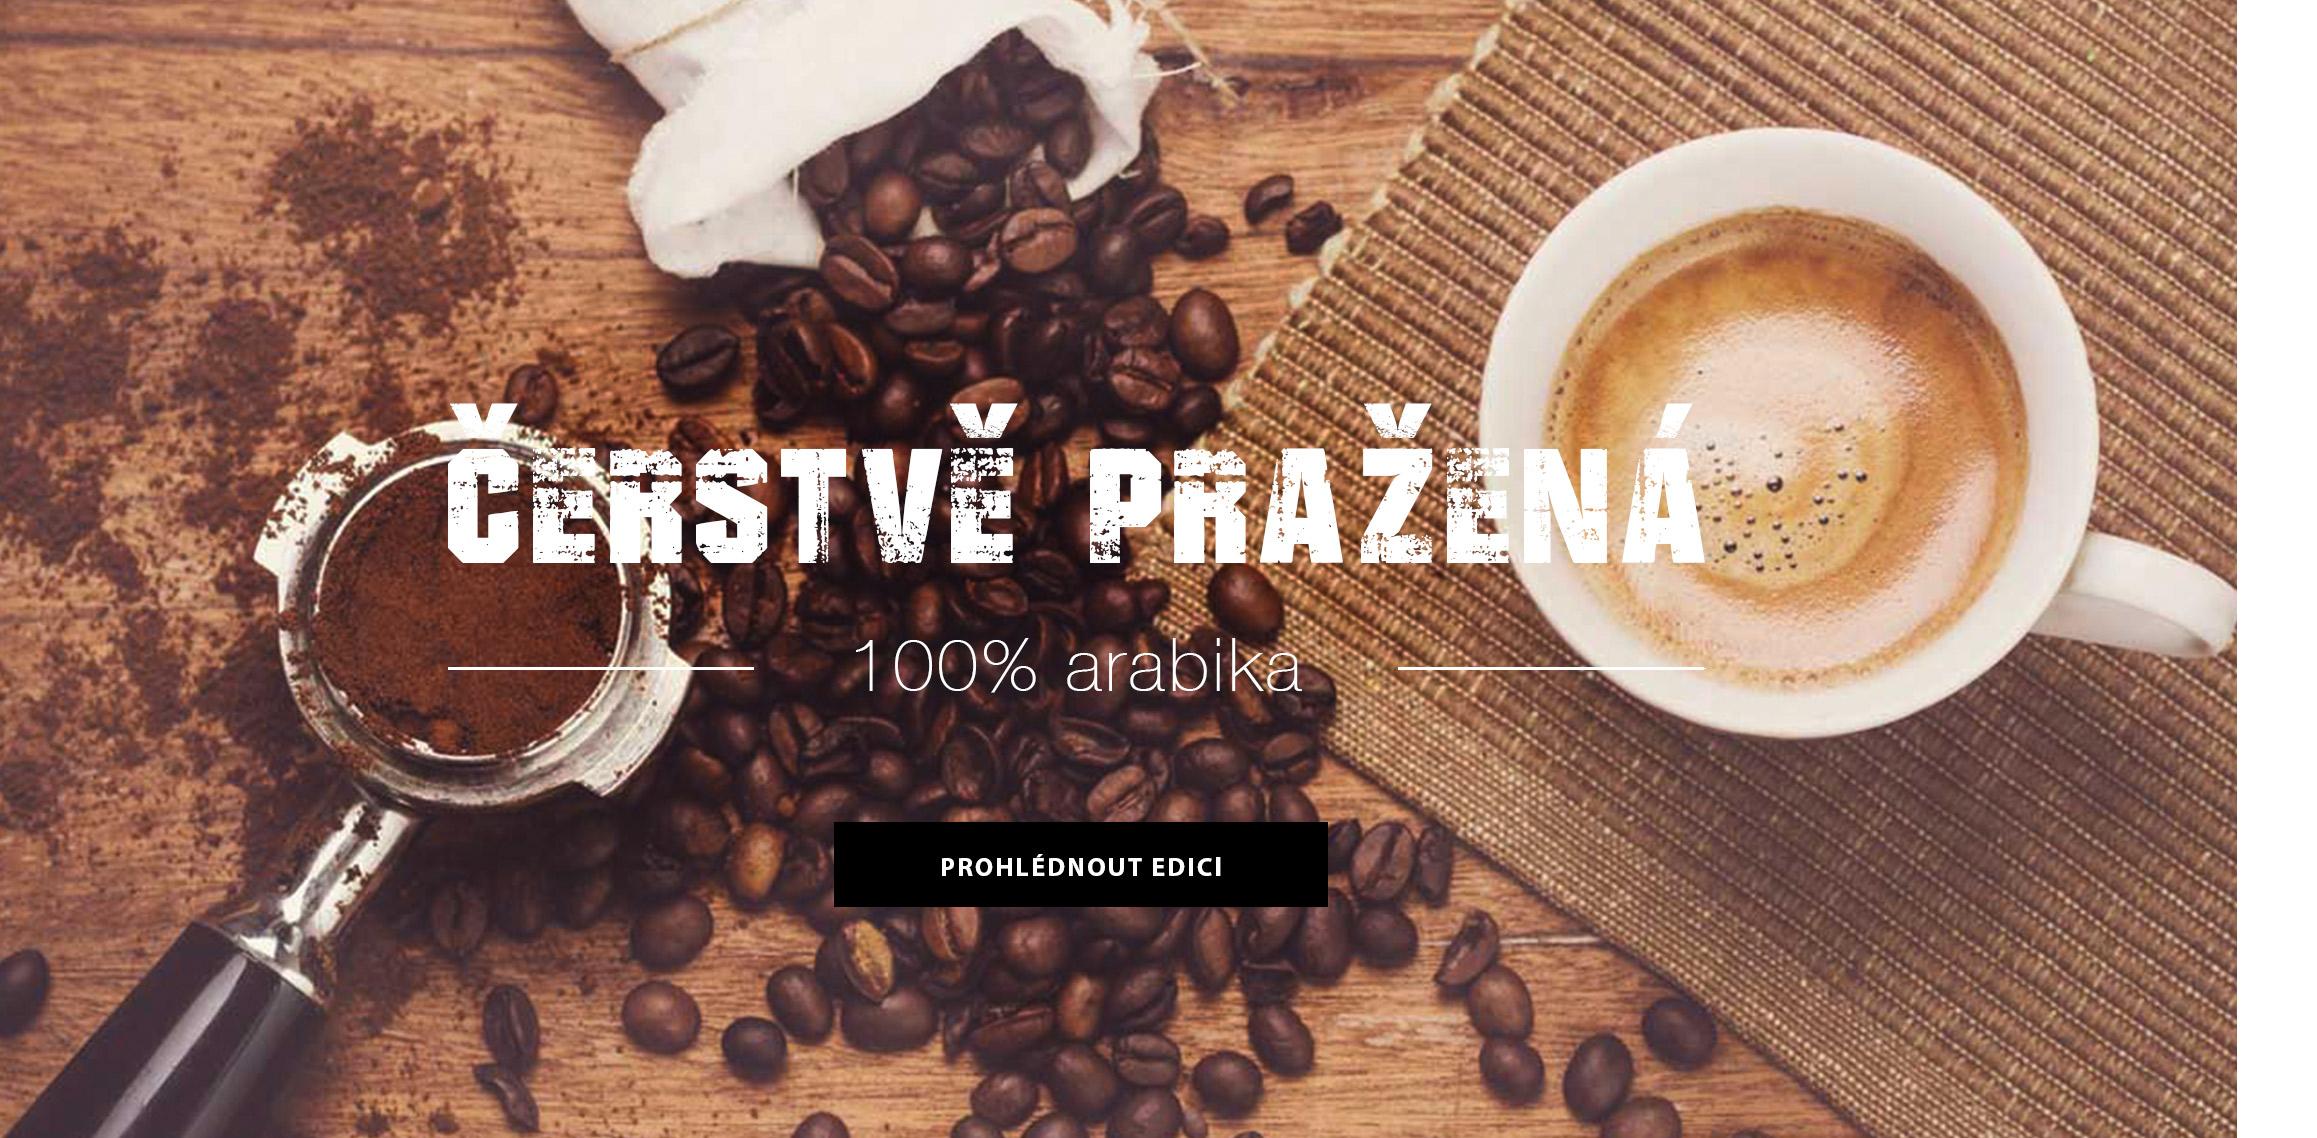 Calibercoffee